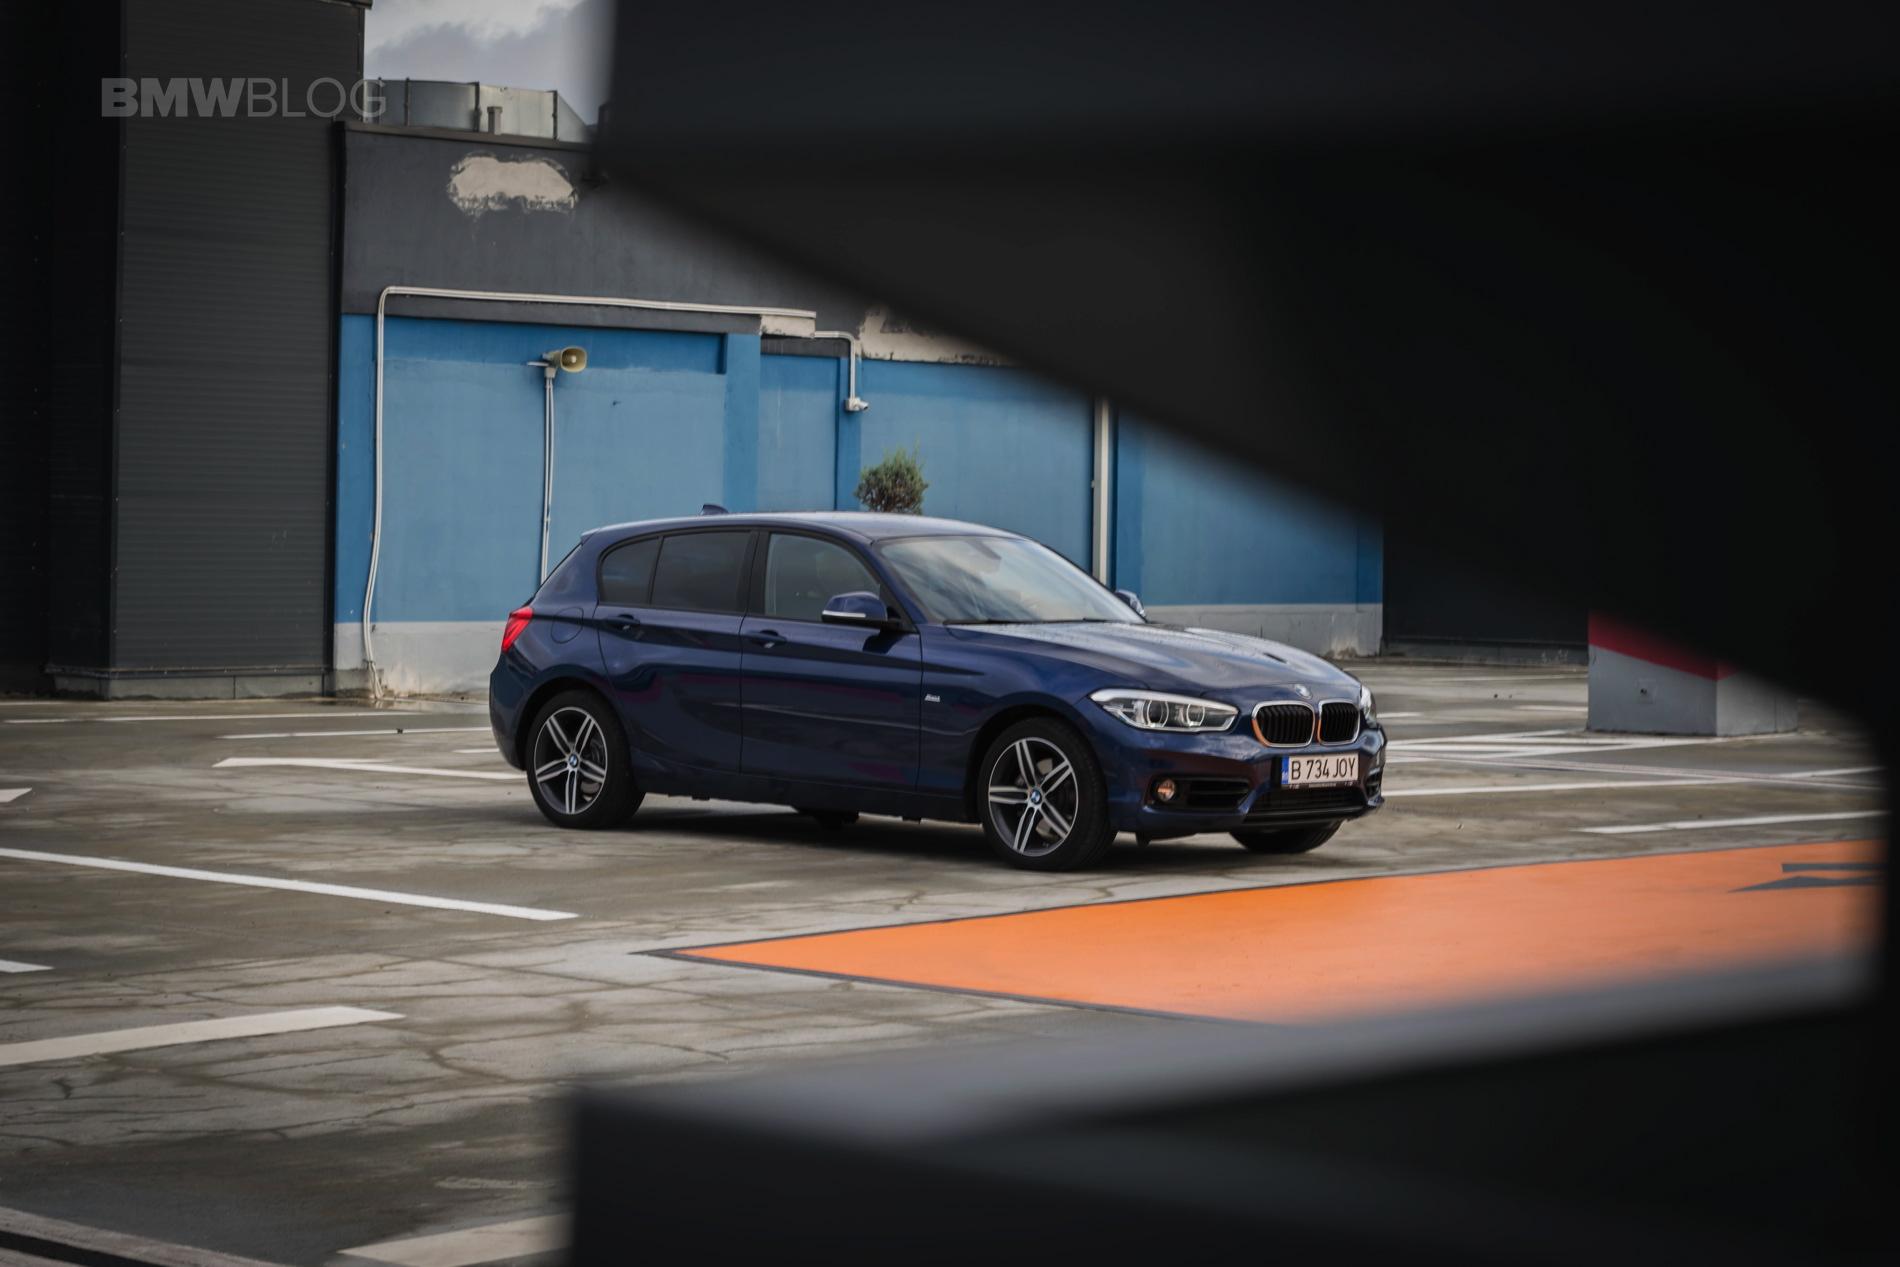 2018 BMW 118d test drive 53